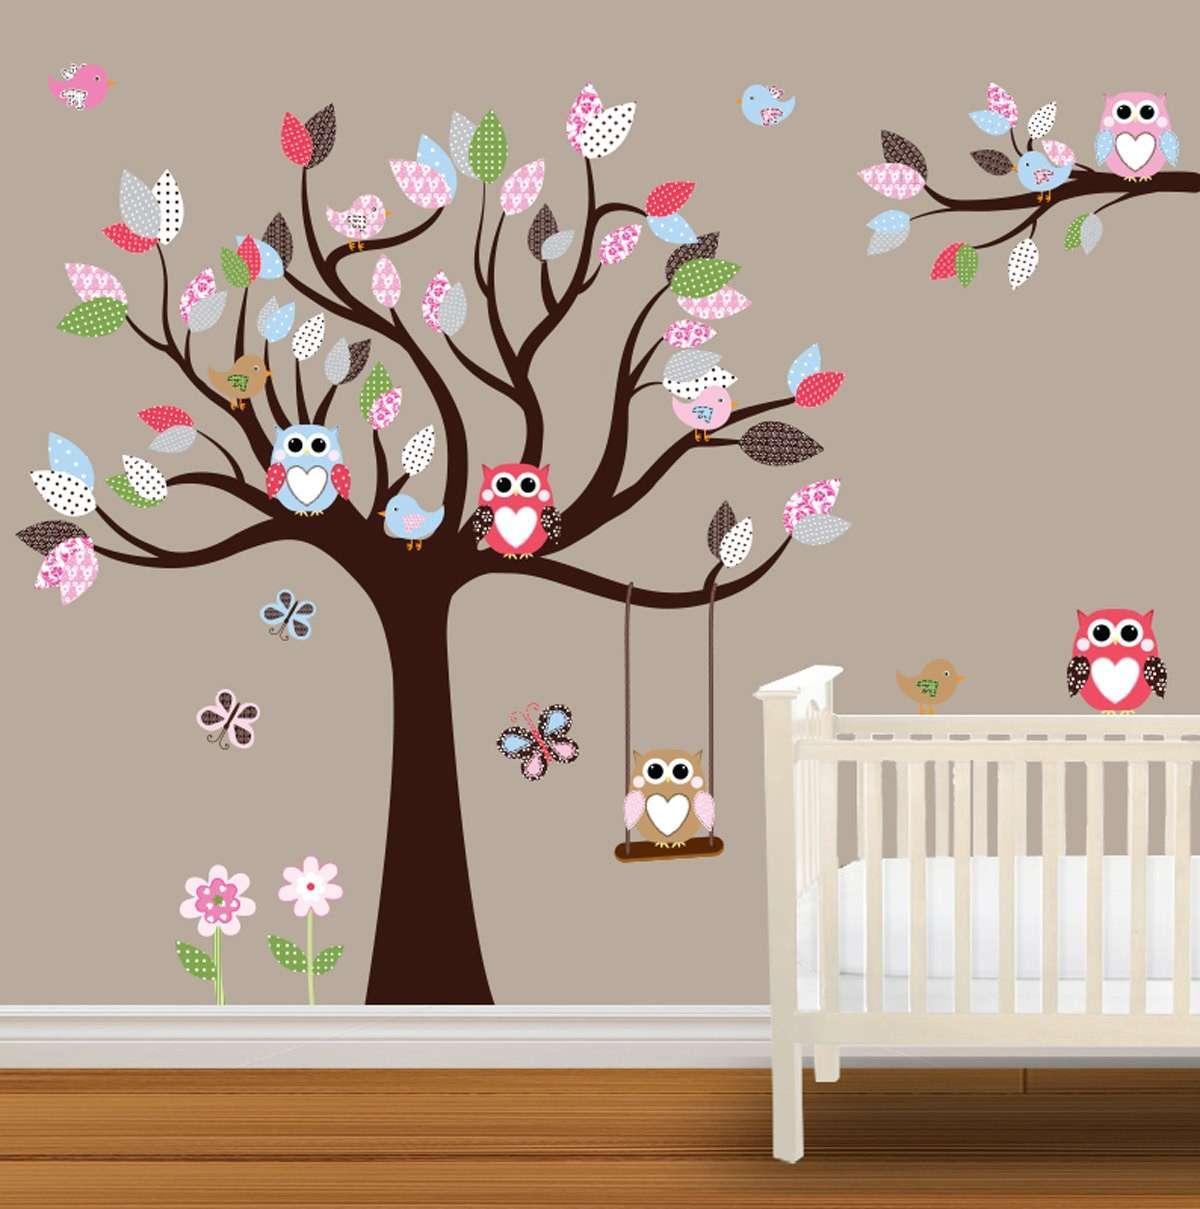 Dipinti Murali Per Camerette come decorare le pareti della cameretta [foto] | pourfemme